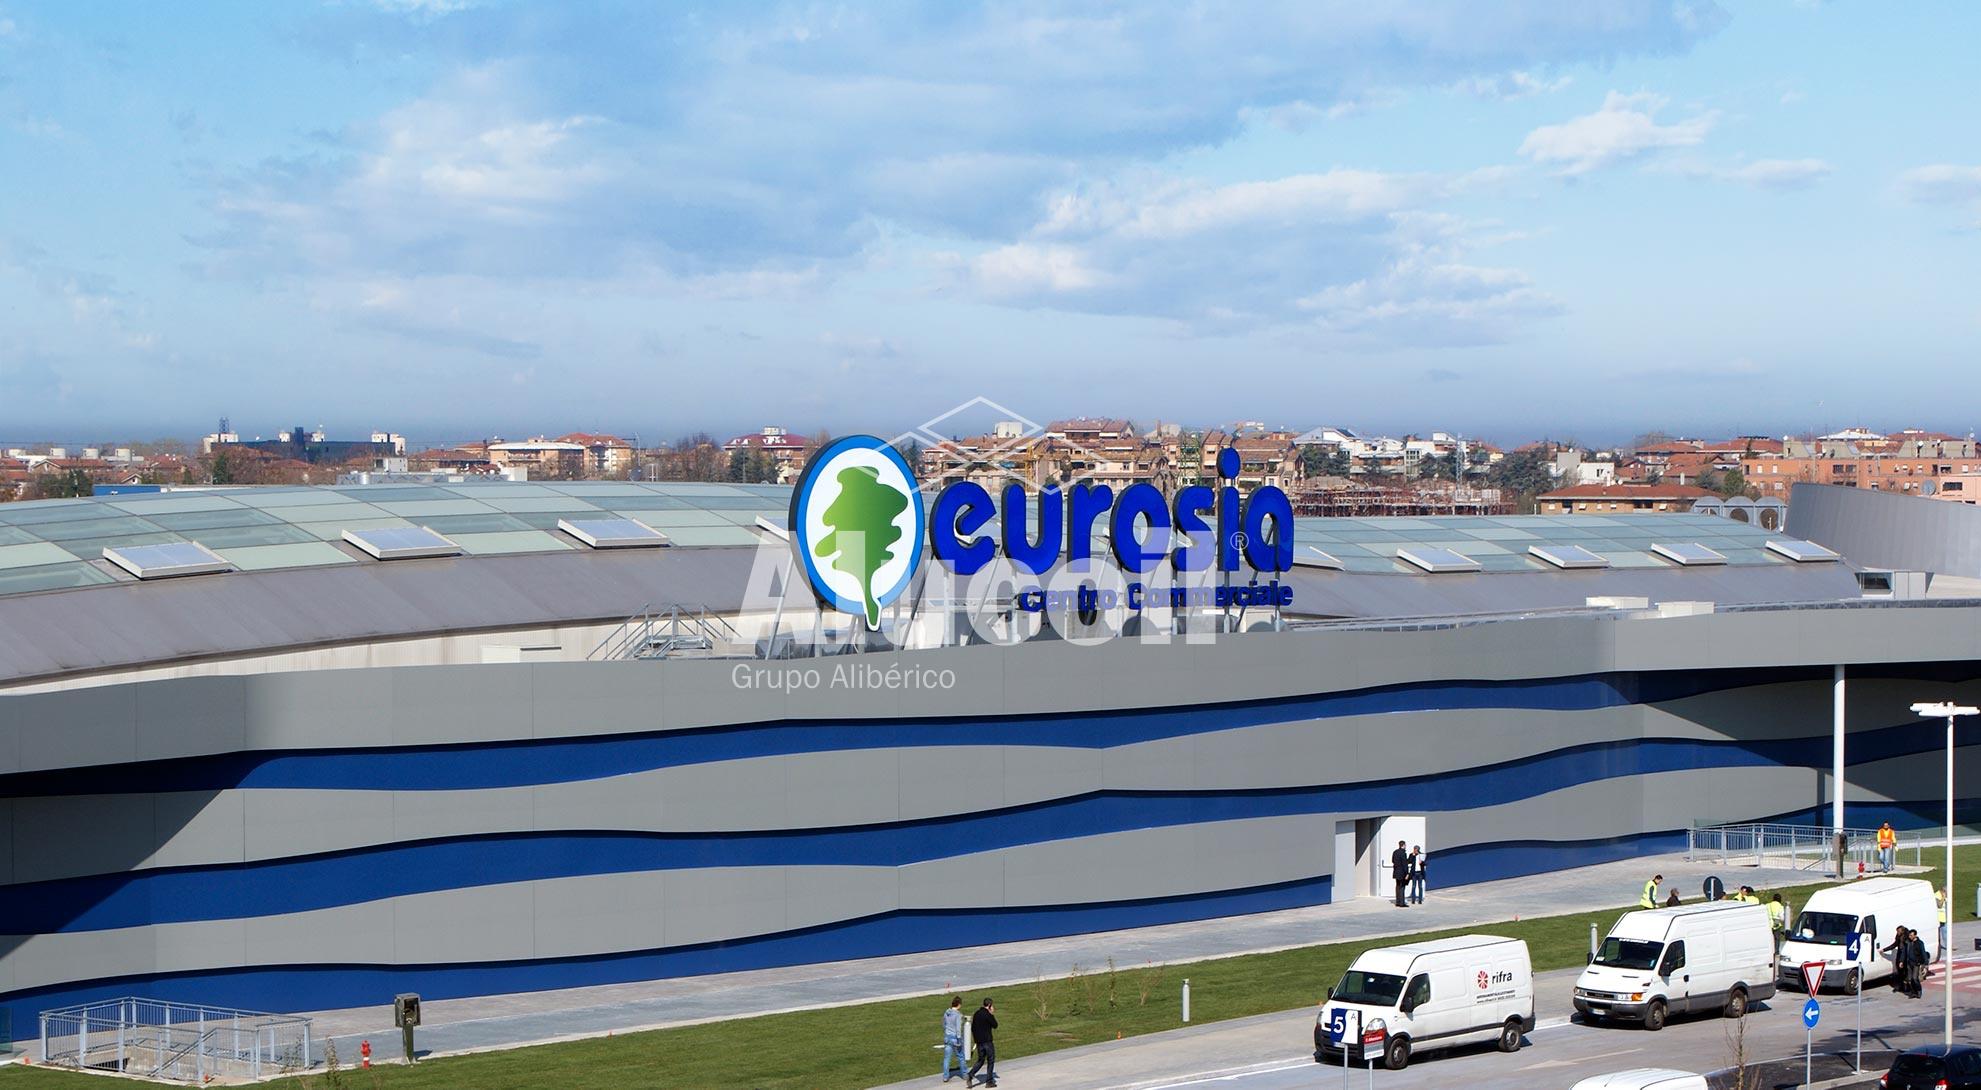 Eurosia